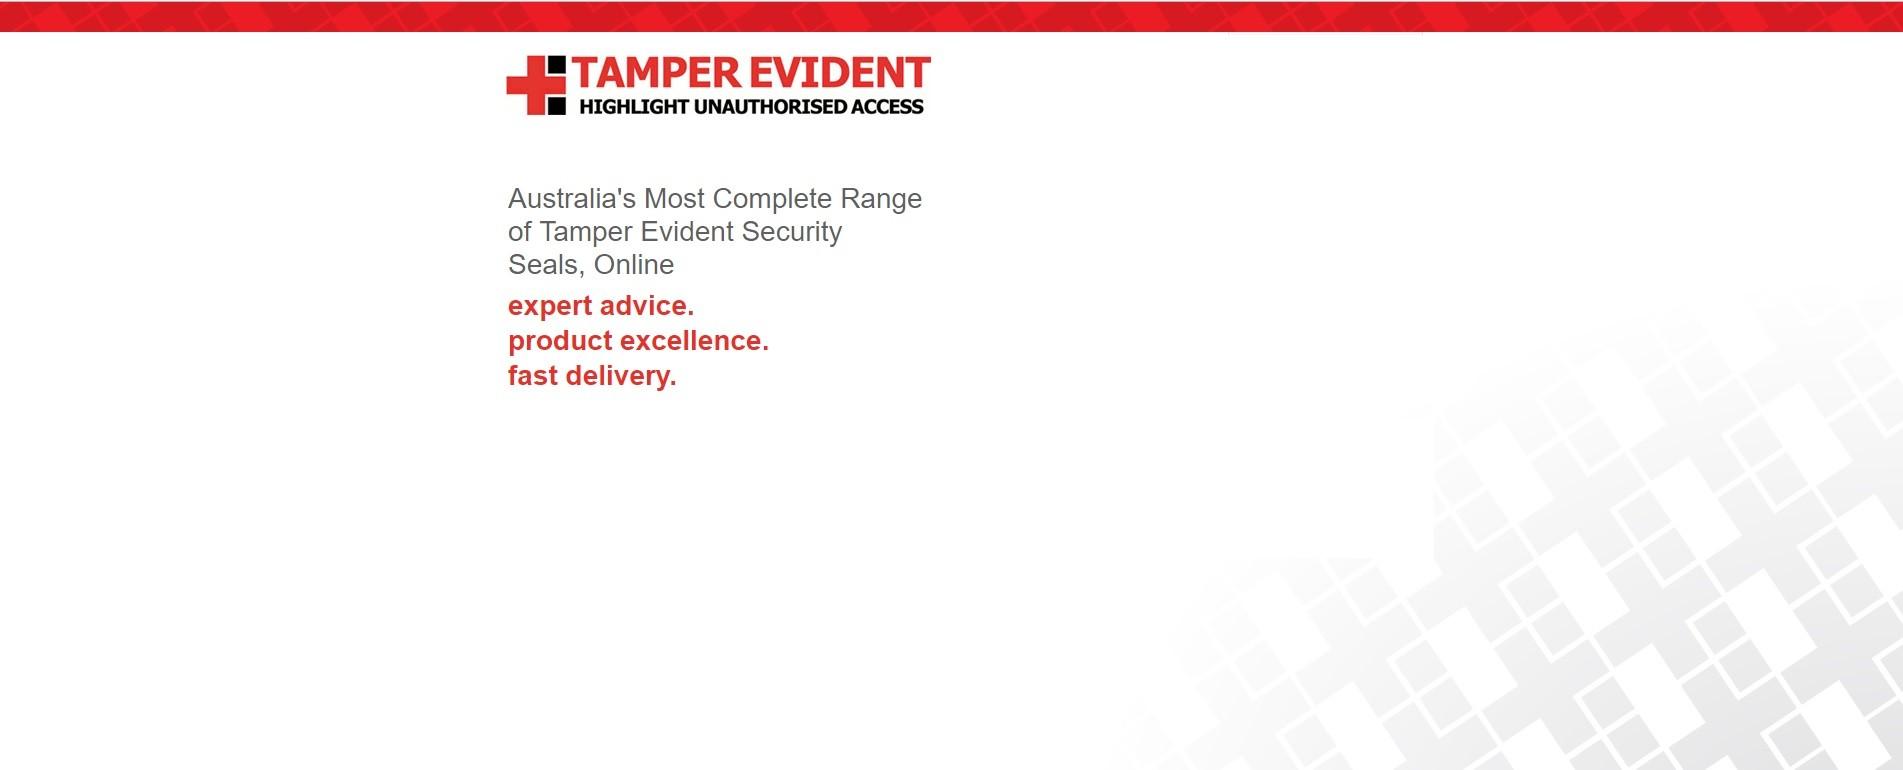 Tamper Evident